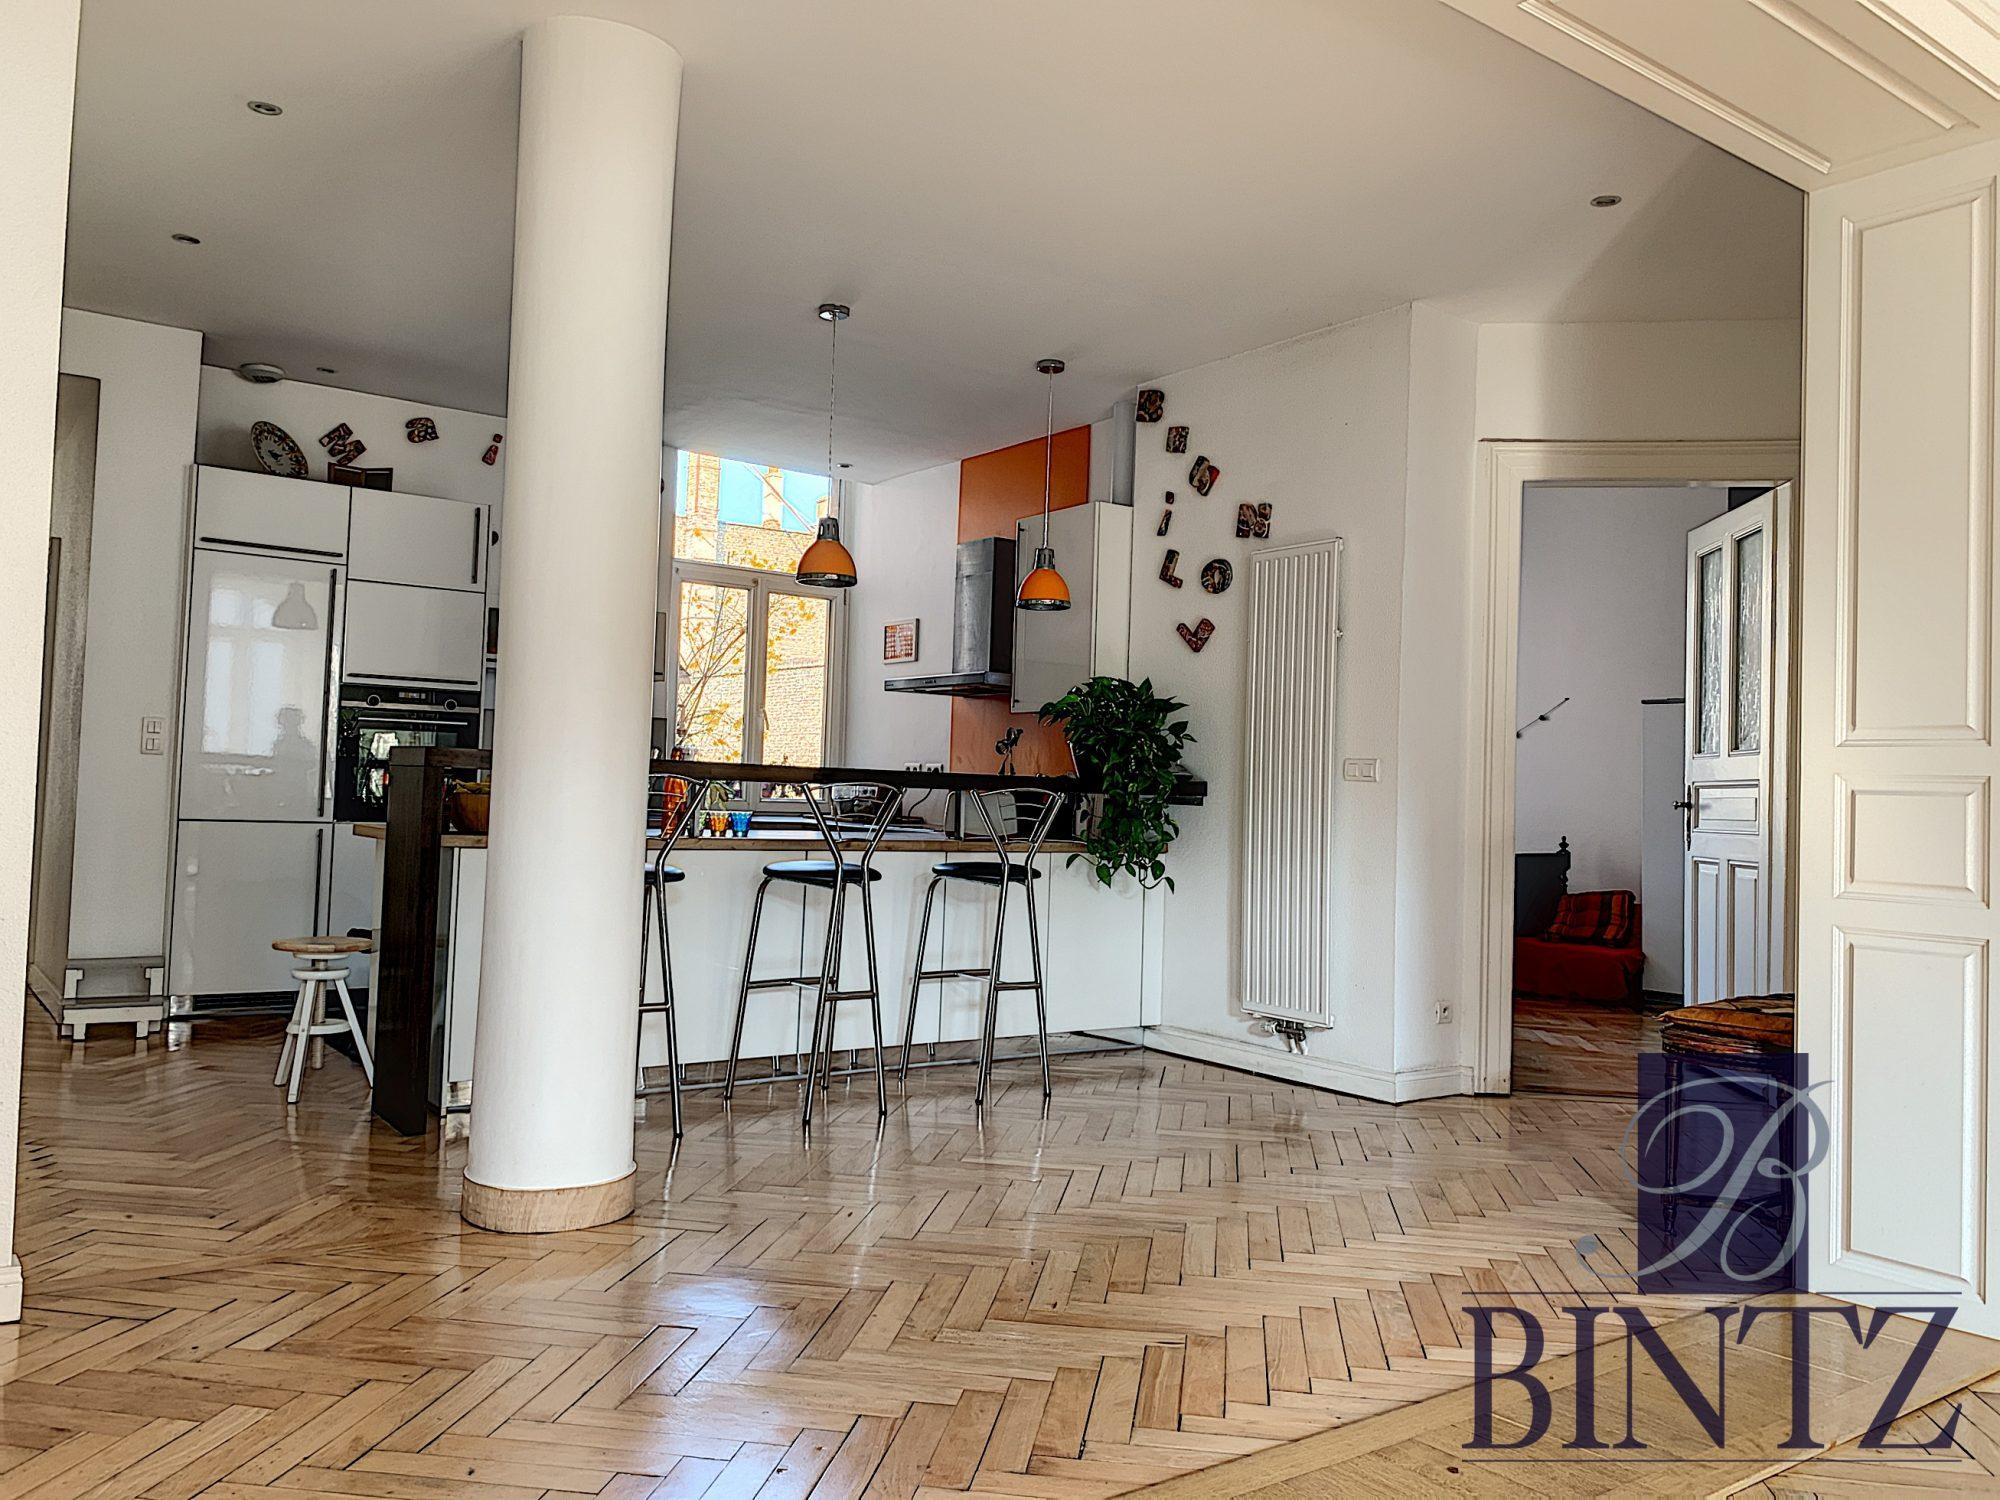 Appartement contemporain quartier forêt noire - Devenez propriétaire en toute confiance - Bintz Immobilier - 10